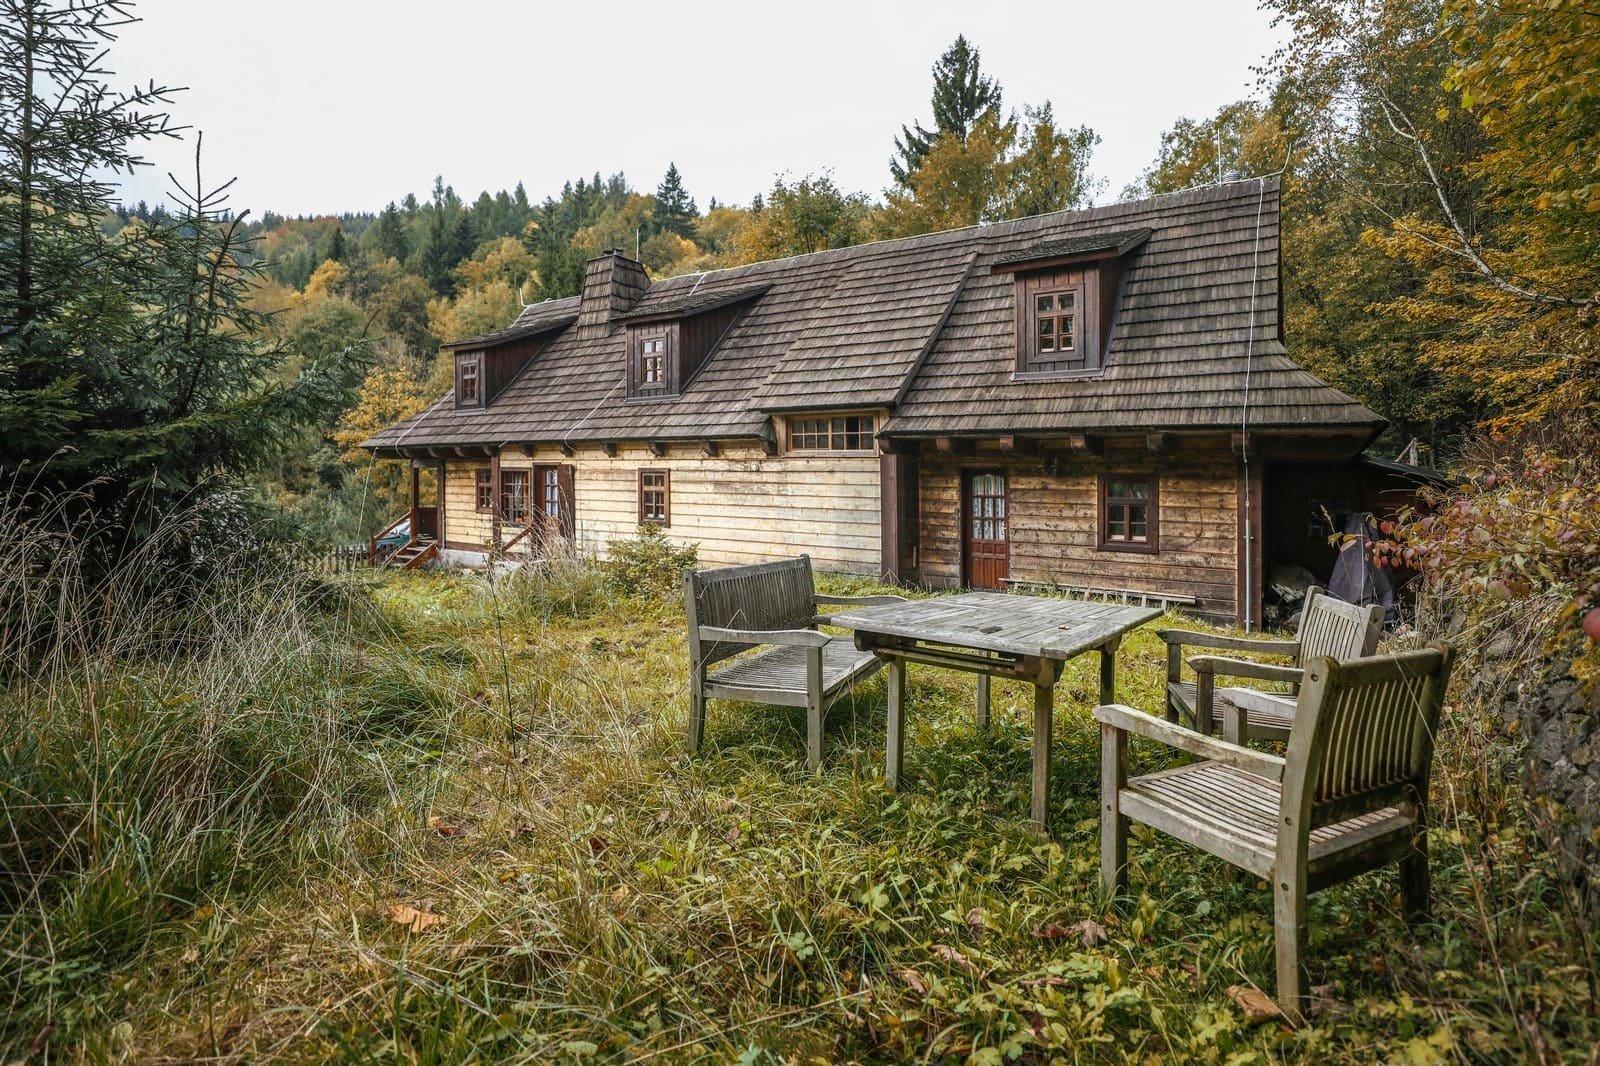 Chaloupka, která klame vzhledem, neuvěříte, že jde o novostavbu! - Bydlo.cz - inspirace bydlení, interiér, architektura